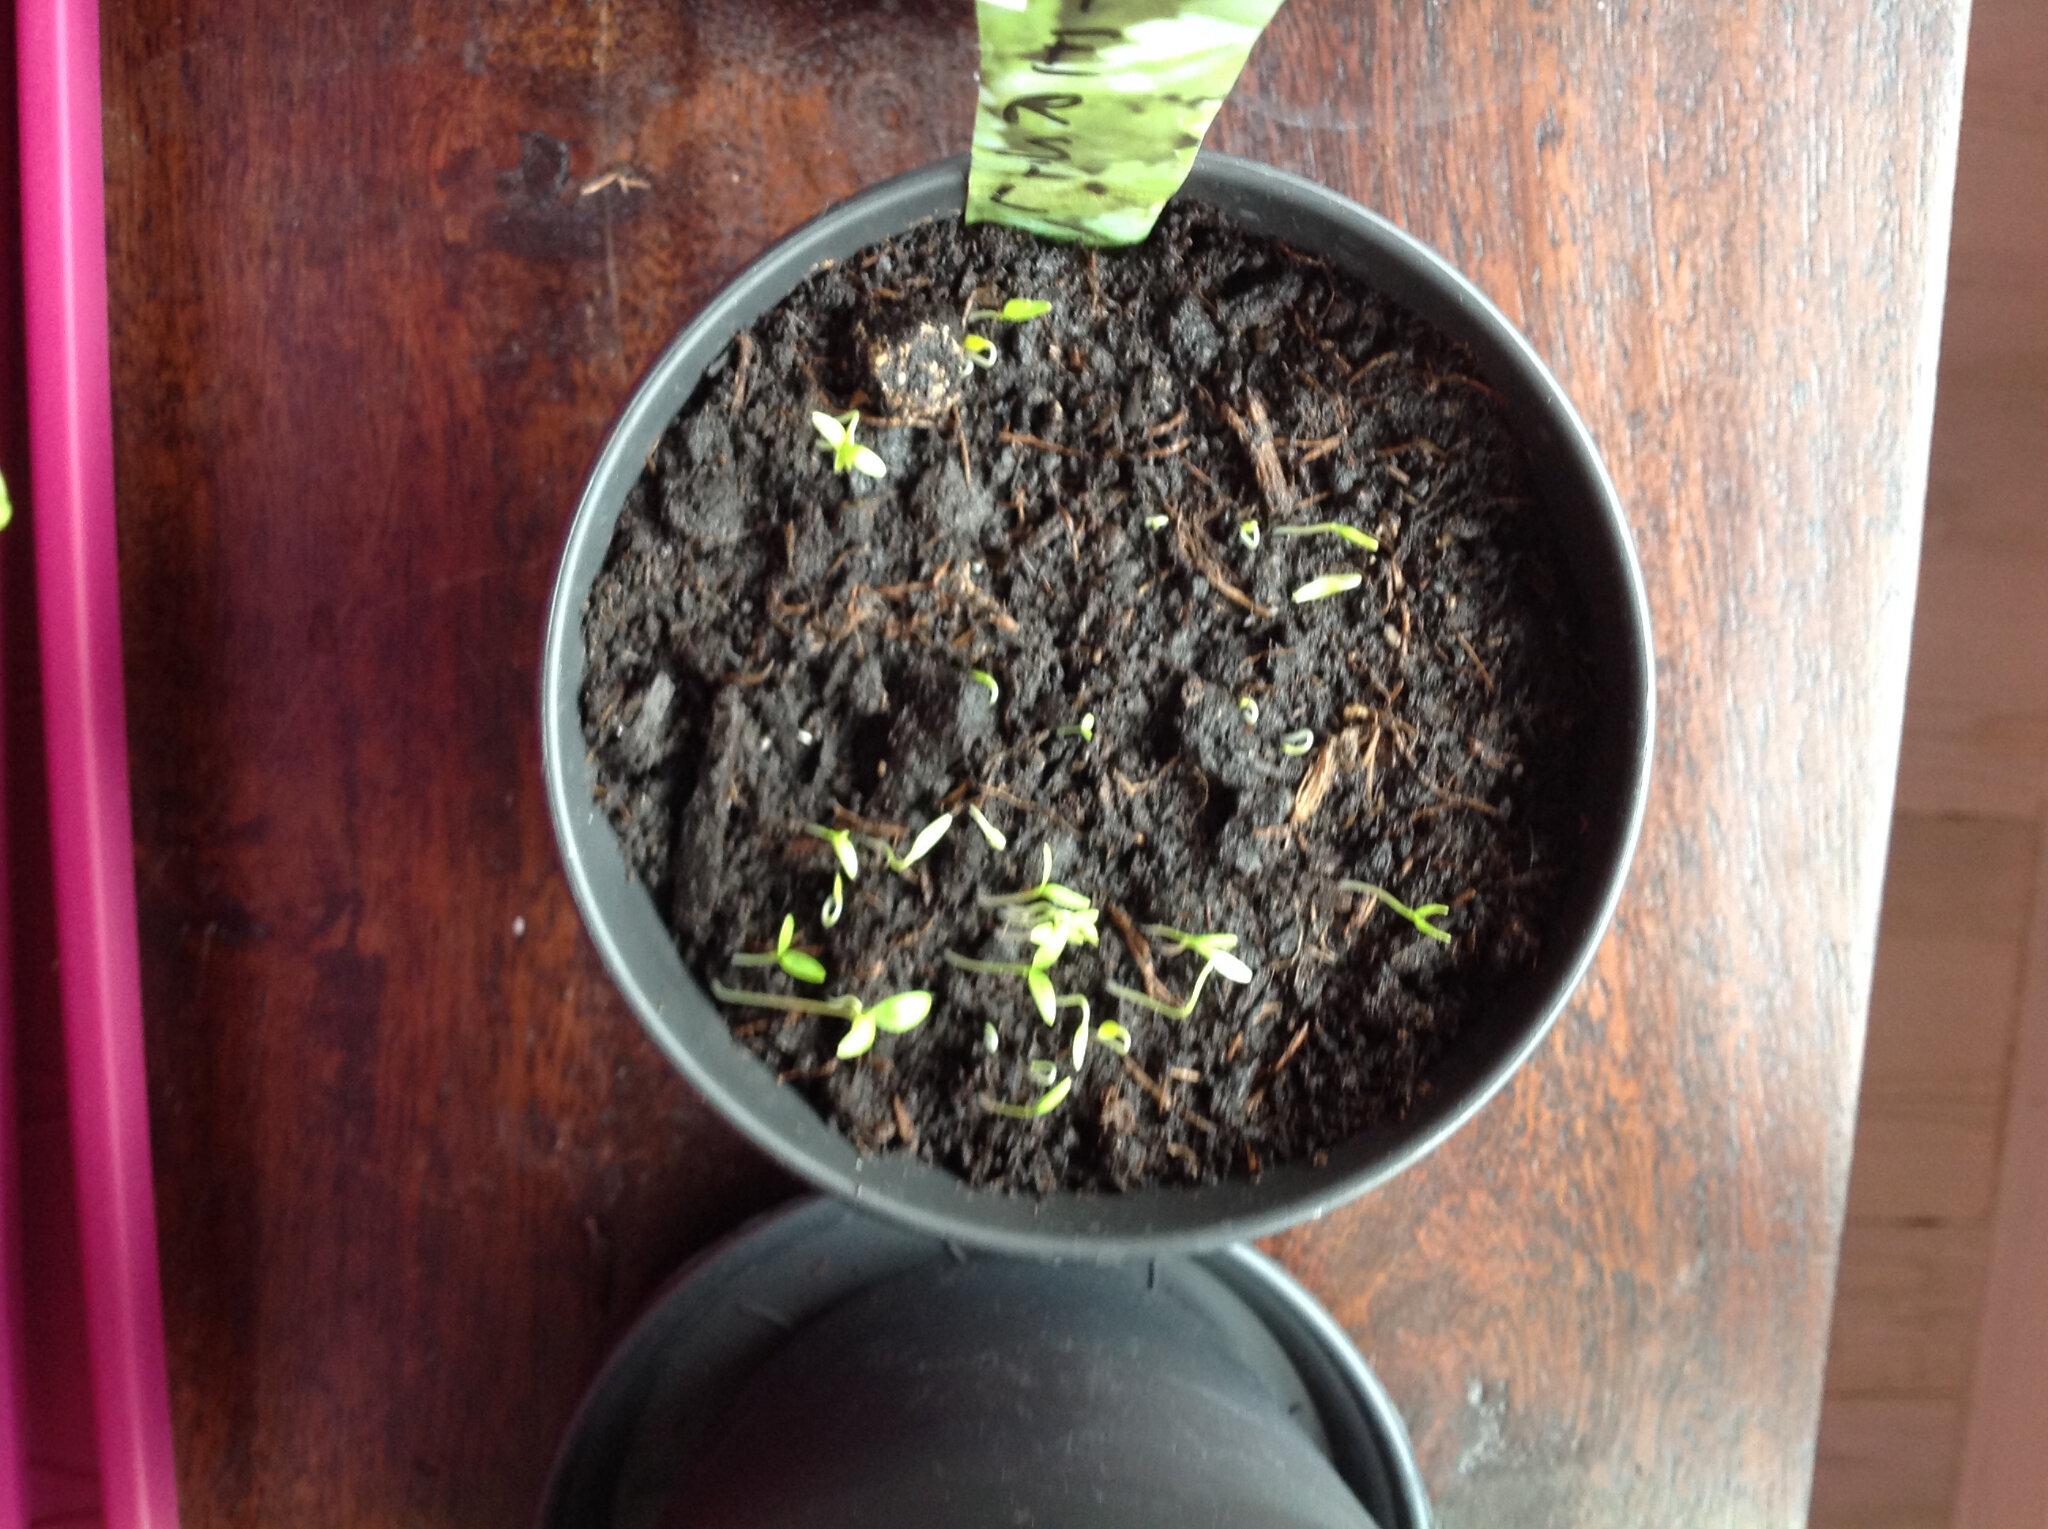 Faire Pousser Du Persil En Appartement jardiner en appartement (tuto persil et radis) - marge feels